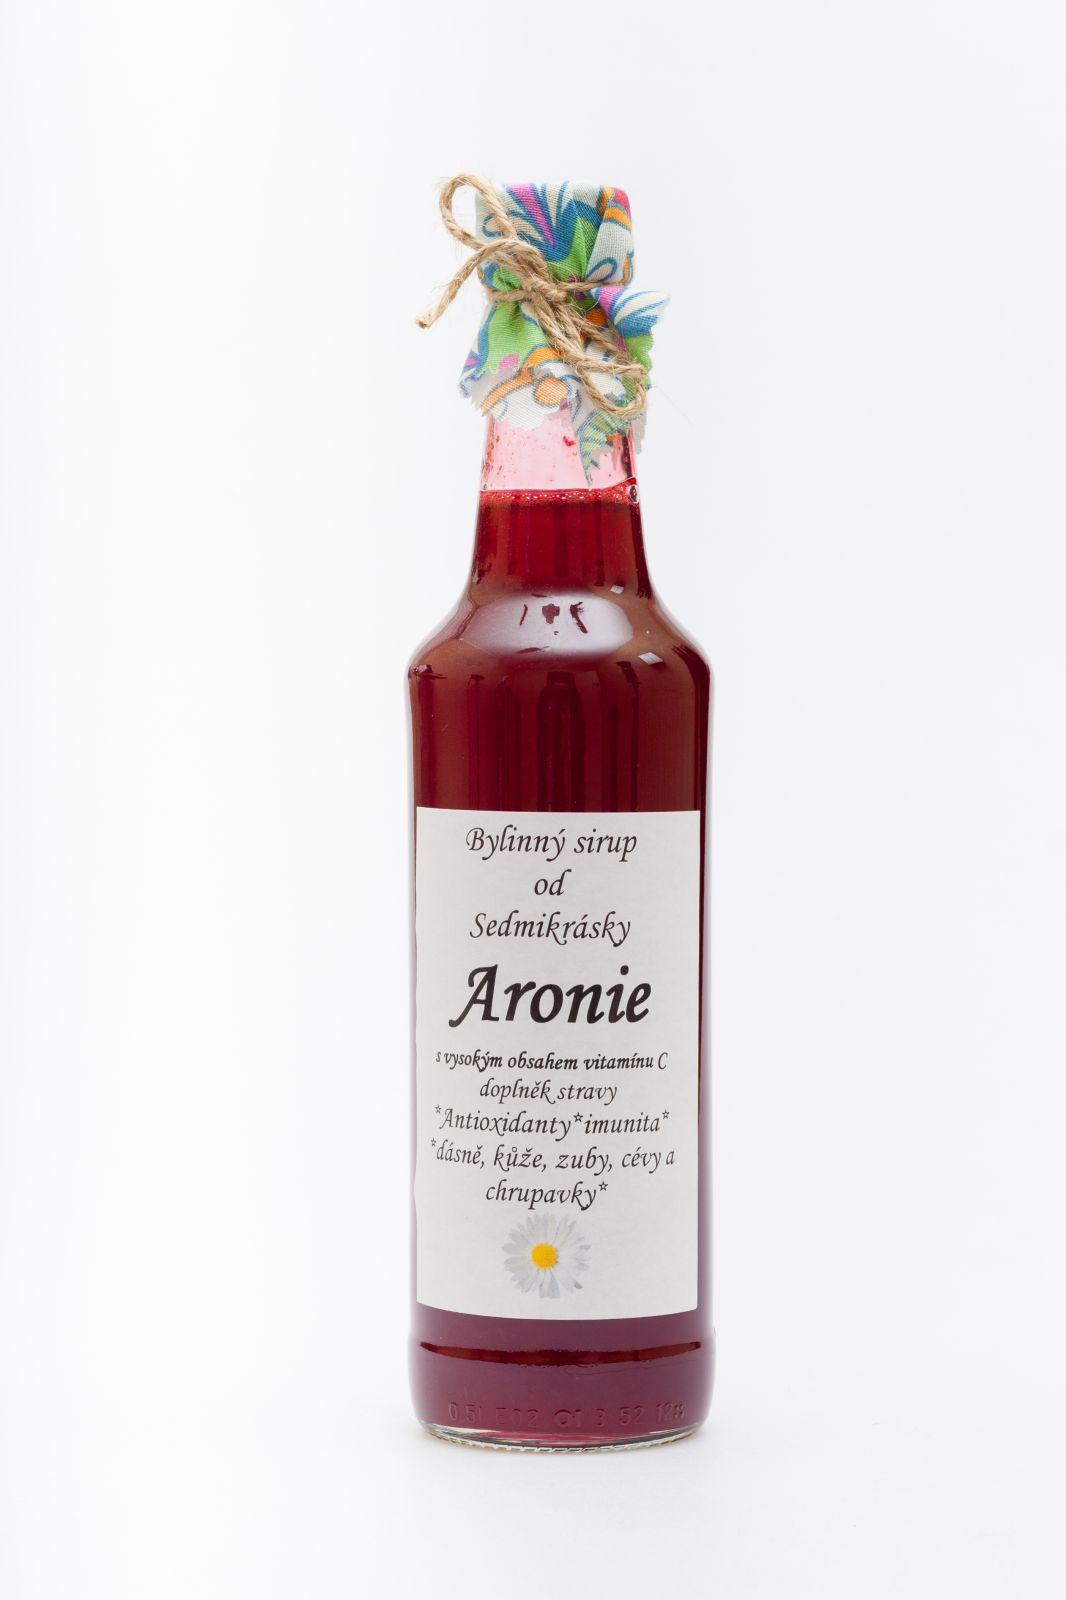 Sedmikráska sirup Aronie 500 ml - antioxidanty, imunita, dásně, kůže, zuby, cévy a chrupavky, doplněk stravy Rodinná farma Sedmikráska